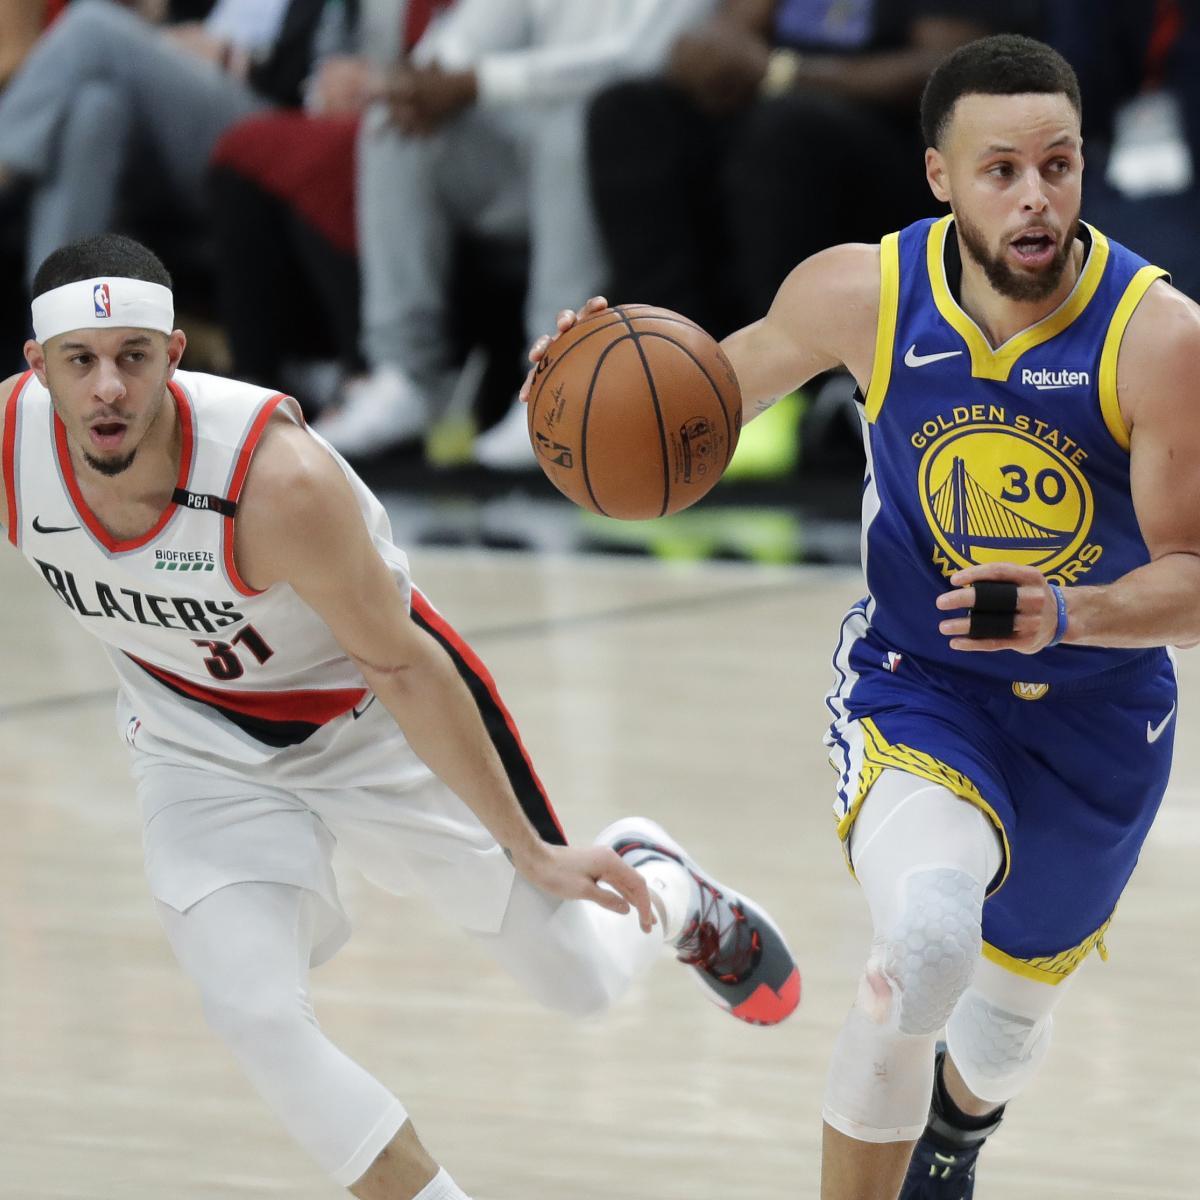 NBA Finals 2019: Warriors Vs. Raptors Game 1 Odds, Props